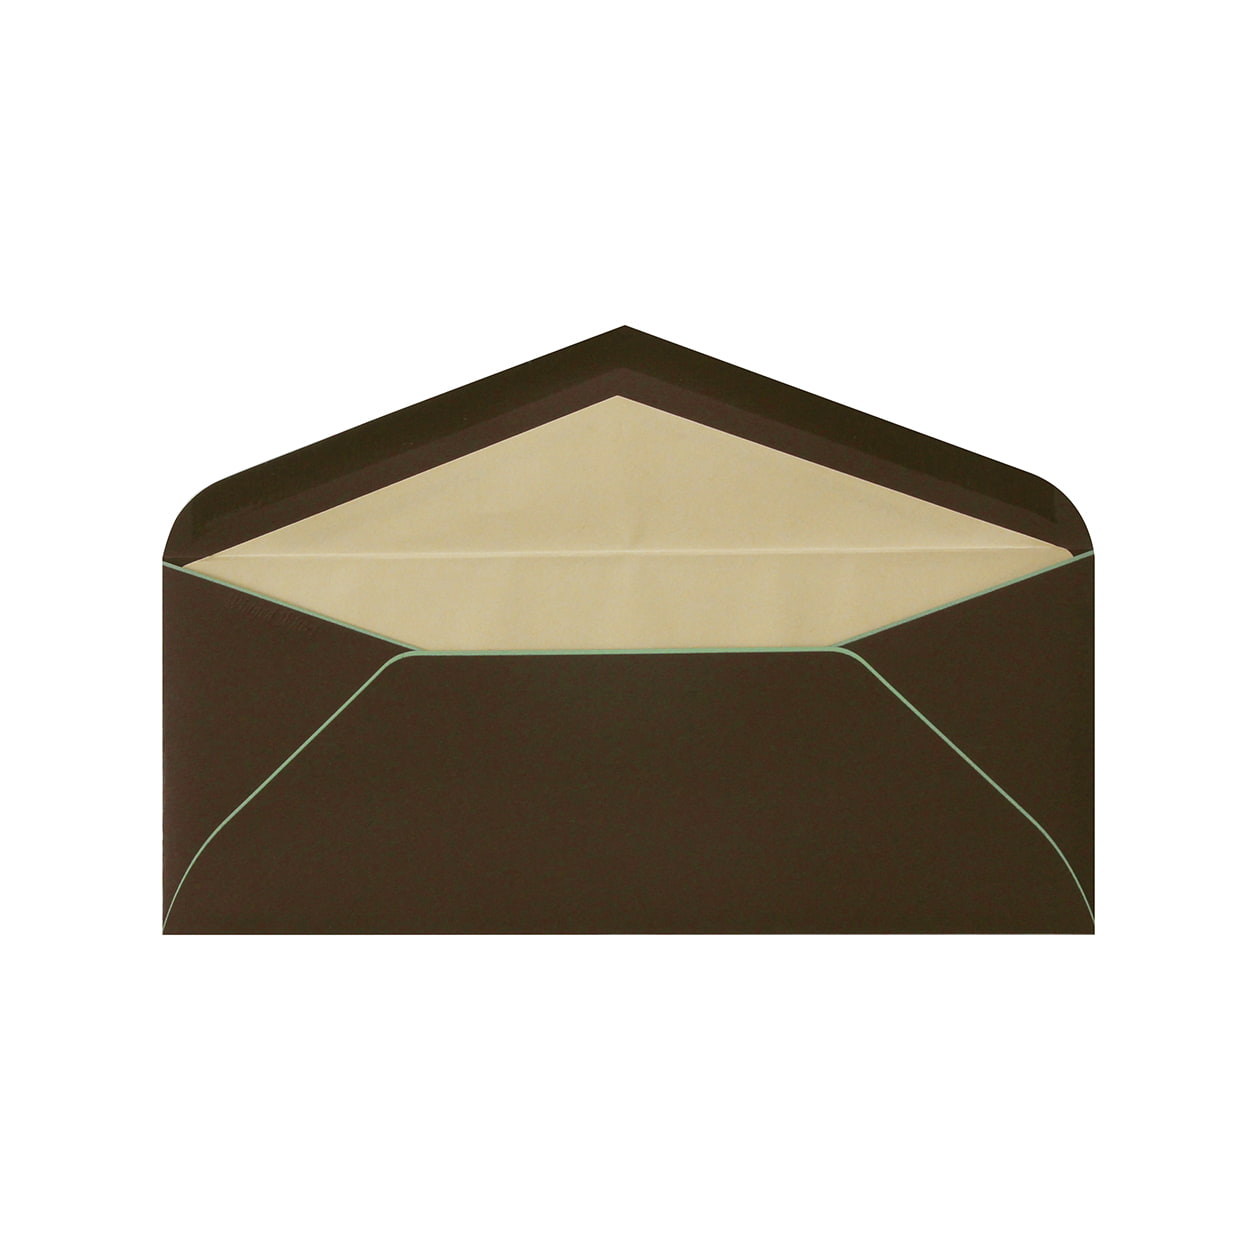 ボーダード DLSダイア二重封筒 スプラウトチョコレート 116.3g